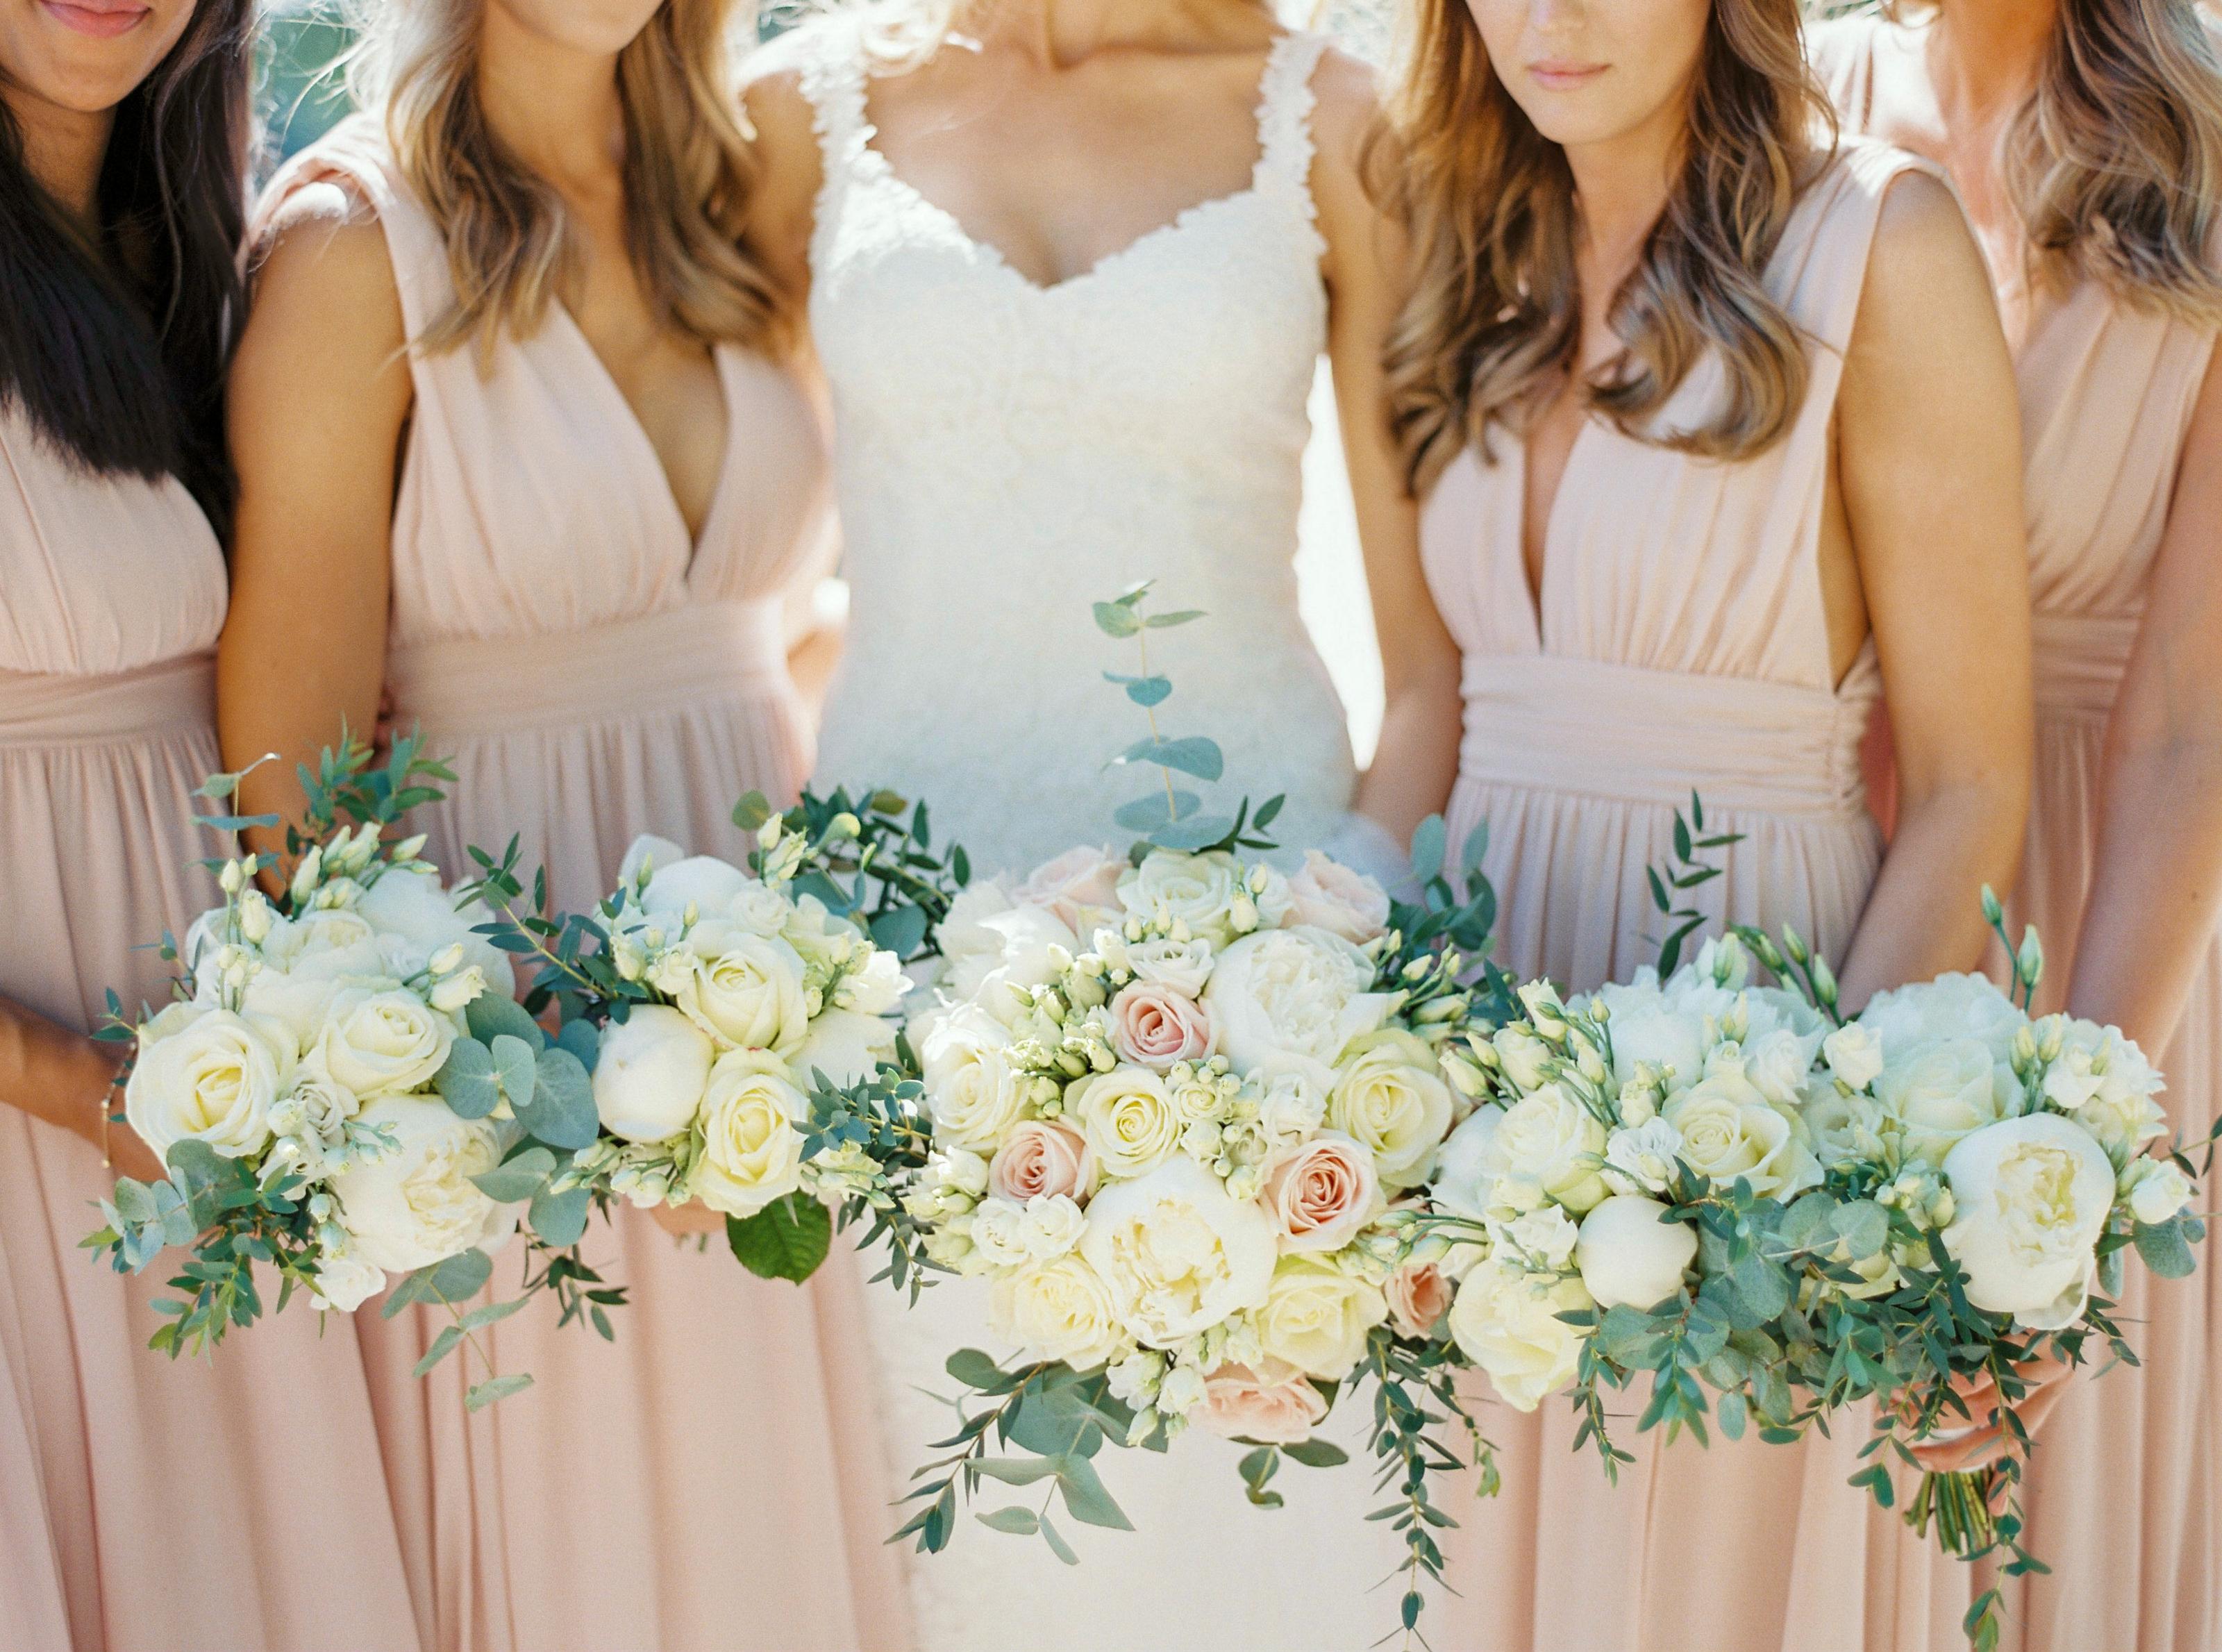 2e5213b2c0fa Oavsett om det är ett litet familjärt bröllop eller ett storslaget på  slottet designar vi efter ert behov, stil, känsla och budget.